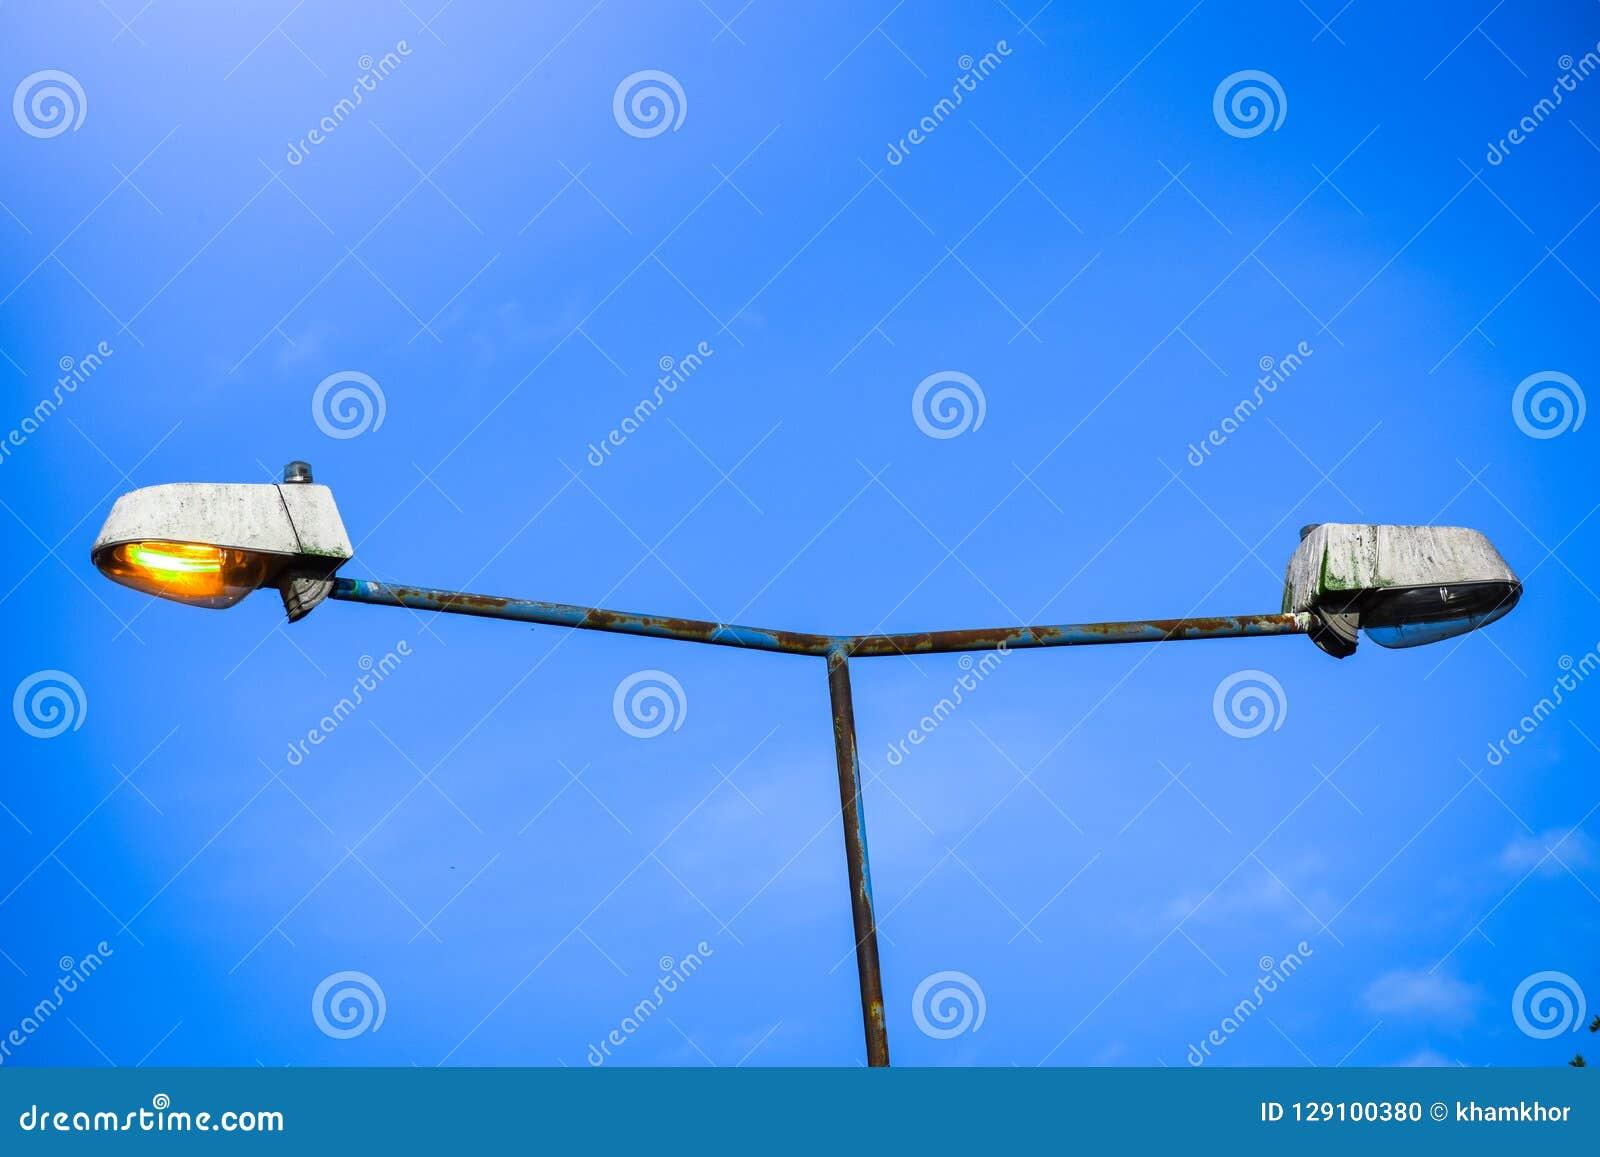 Cargo significativo e conceptual da luz de rua que significa bom contra o mau, direito contra errado, correto contra incorreto